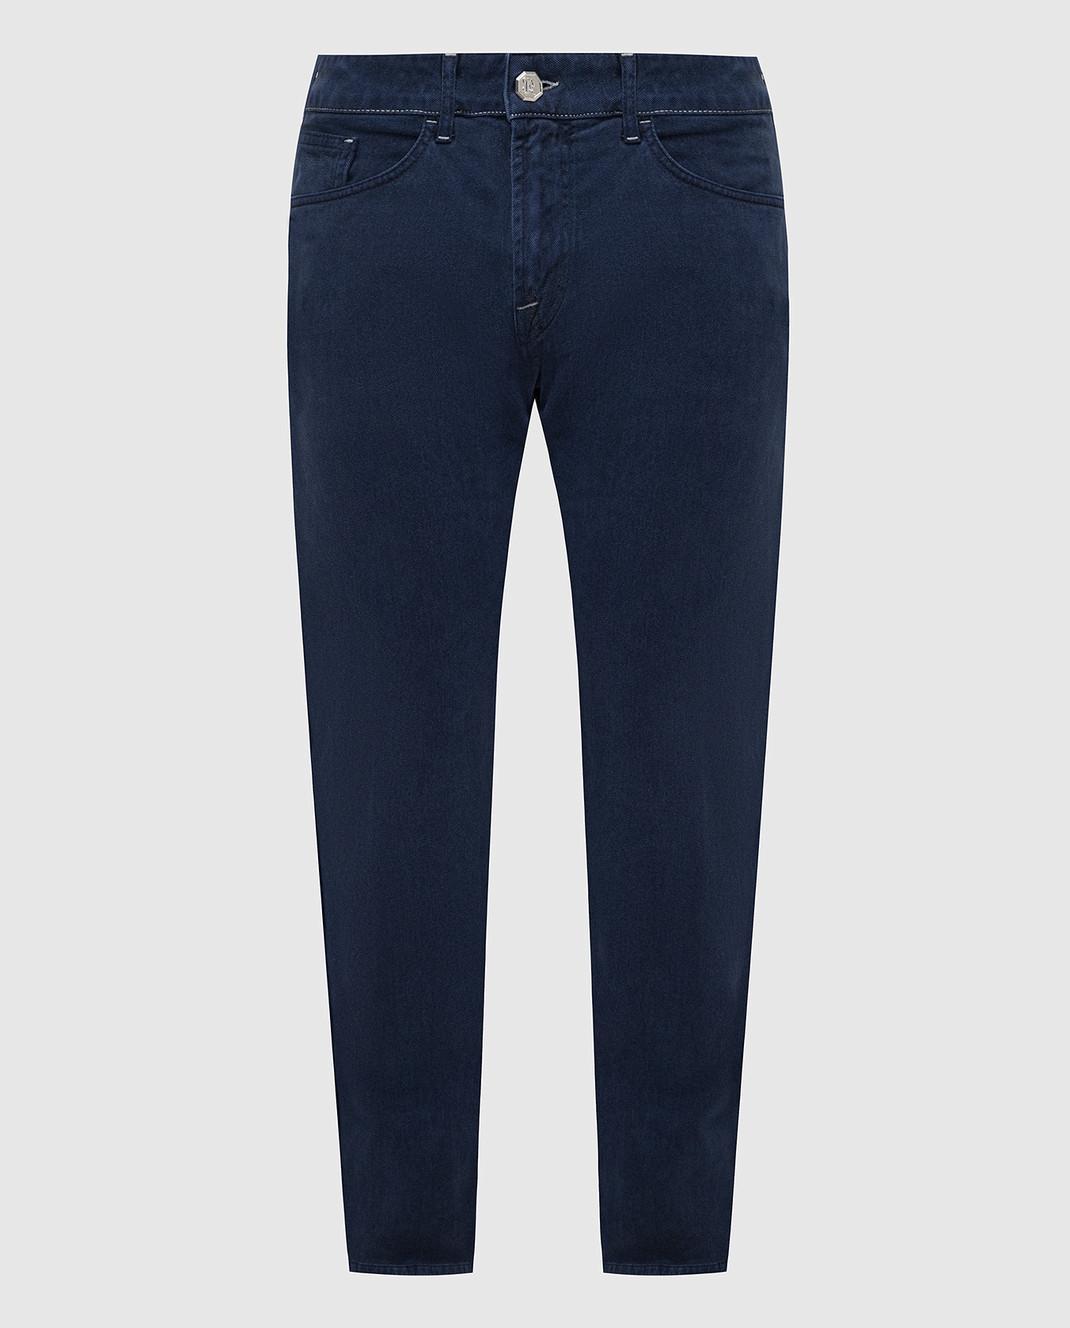 Stefano Ricci Синие джинсы изображение 1